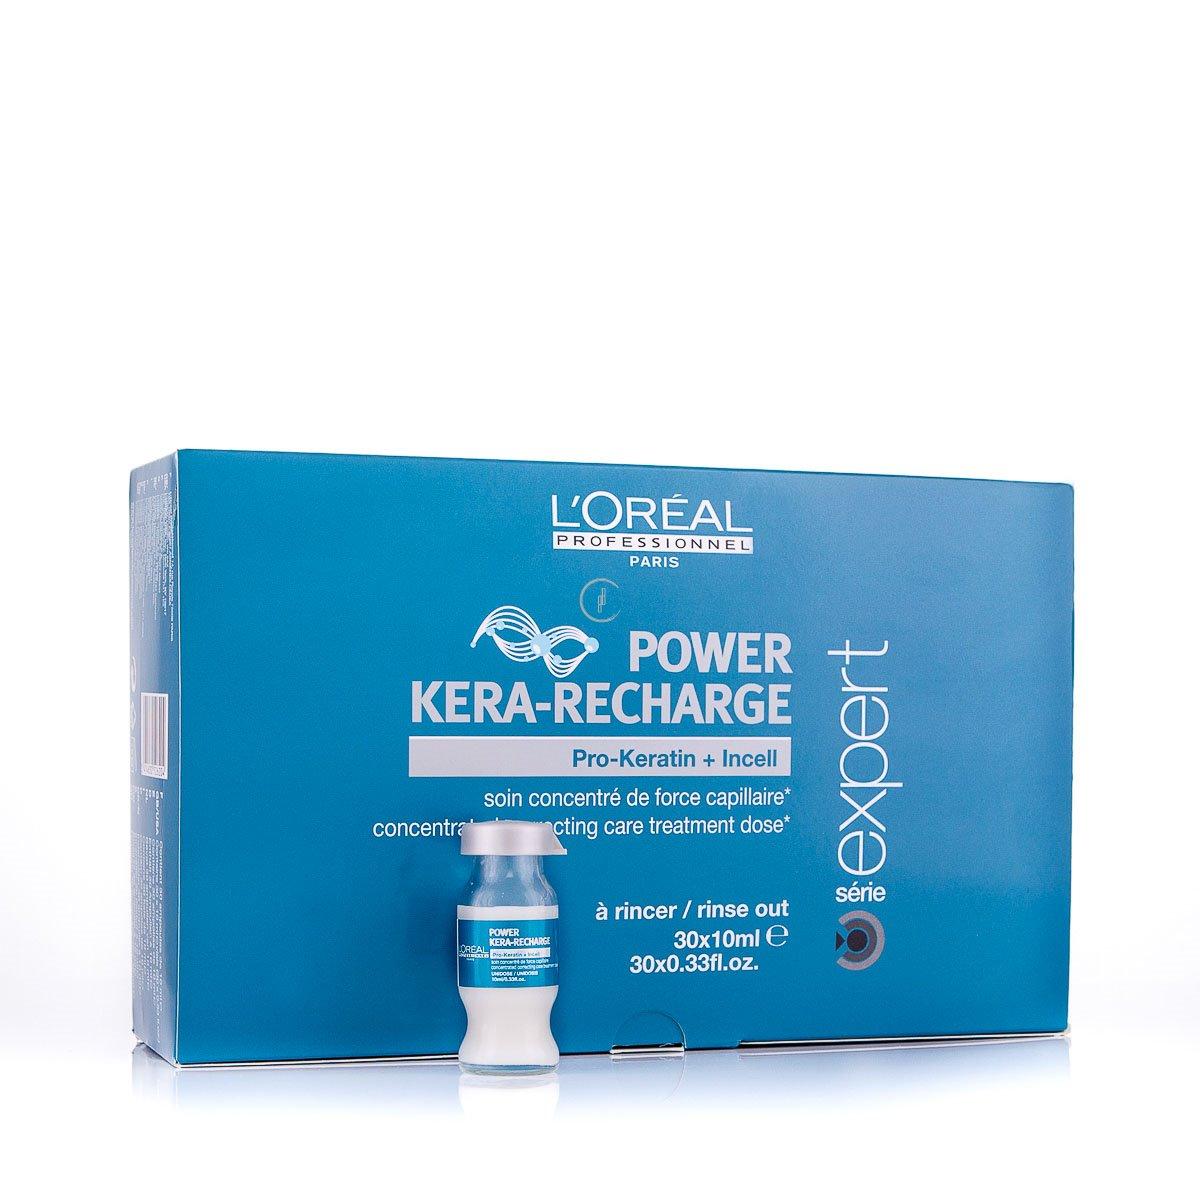 LOreal Professionnel Концентрированная корректирующая монодоза-уход для поврежденных волос Expert Pro-Keratin Refill Power Kera-Recharge - 30*10 млE0526204Концентрированная корректирующая монодоза с креатином Pro-Keratin Refill. Средство предназначено для разглаживания сильно поврежденных волос или особенно чувствительных зон, требующих дополнительного ухода волос и интенсивно питает ослабленные, поврежденные и ломкие волосы, увеличивает объем и дает плотность тонким волосам. Защищает волосы от воздействия УФ-излучения, вредных влияний внешней среды. Активные компоненты: Pro-кератин, молекулы Incell, протеины пшеницы, аргинин, фруктовые экстракты.